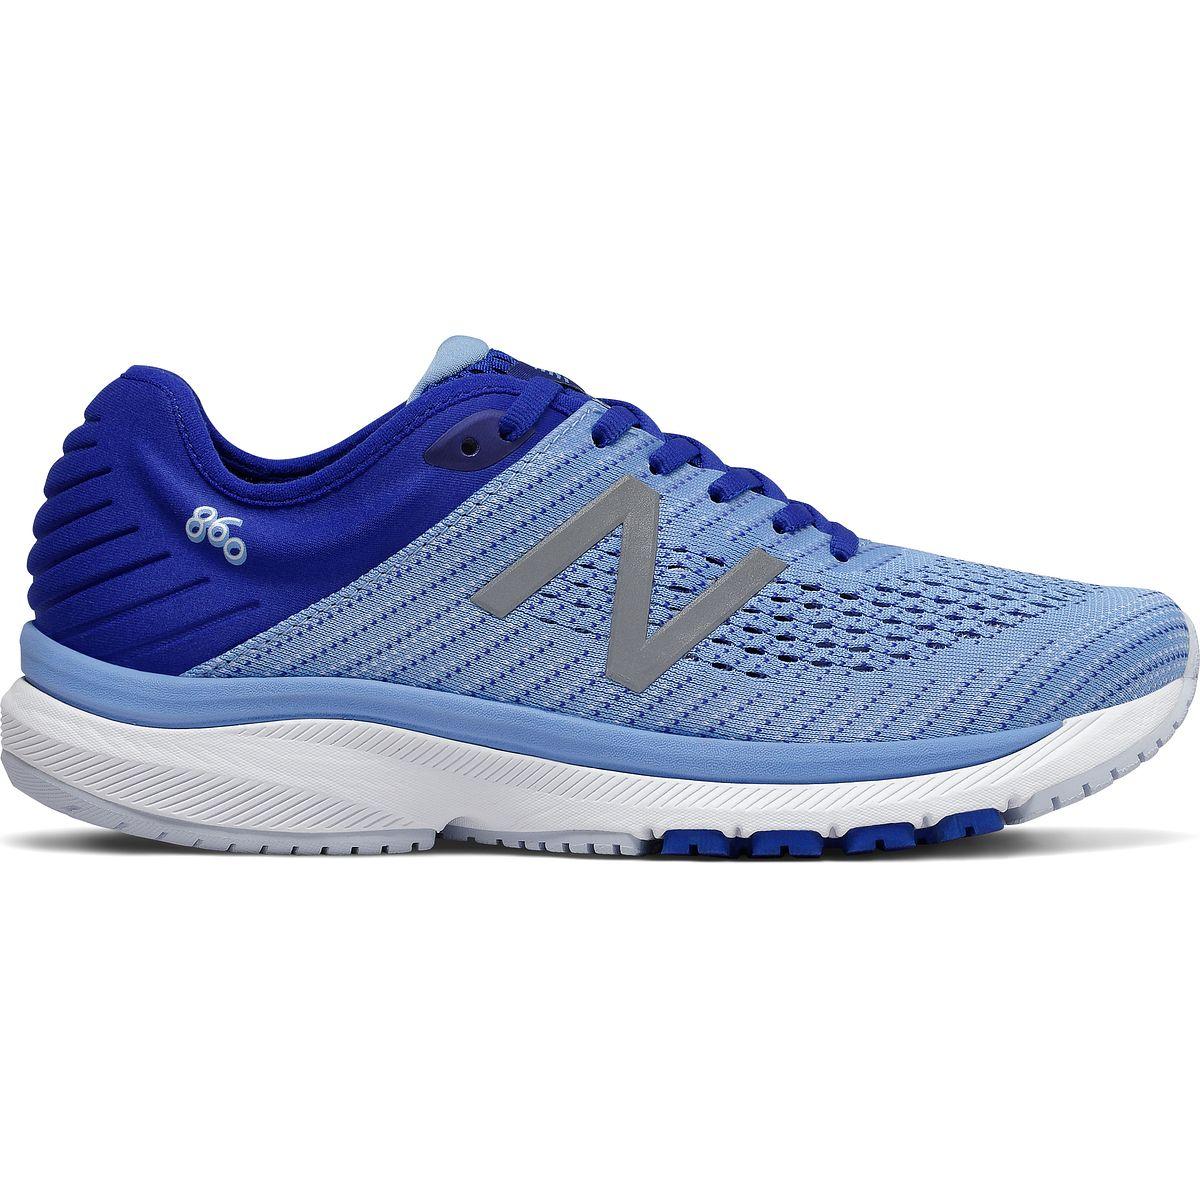 Women's | New Balance 860 v10 | Fleet Feet